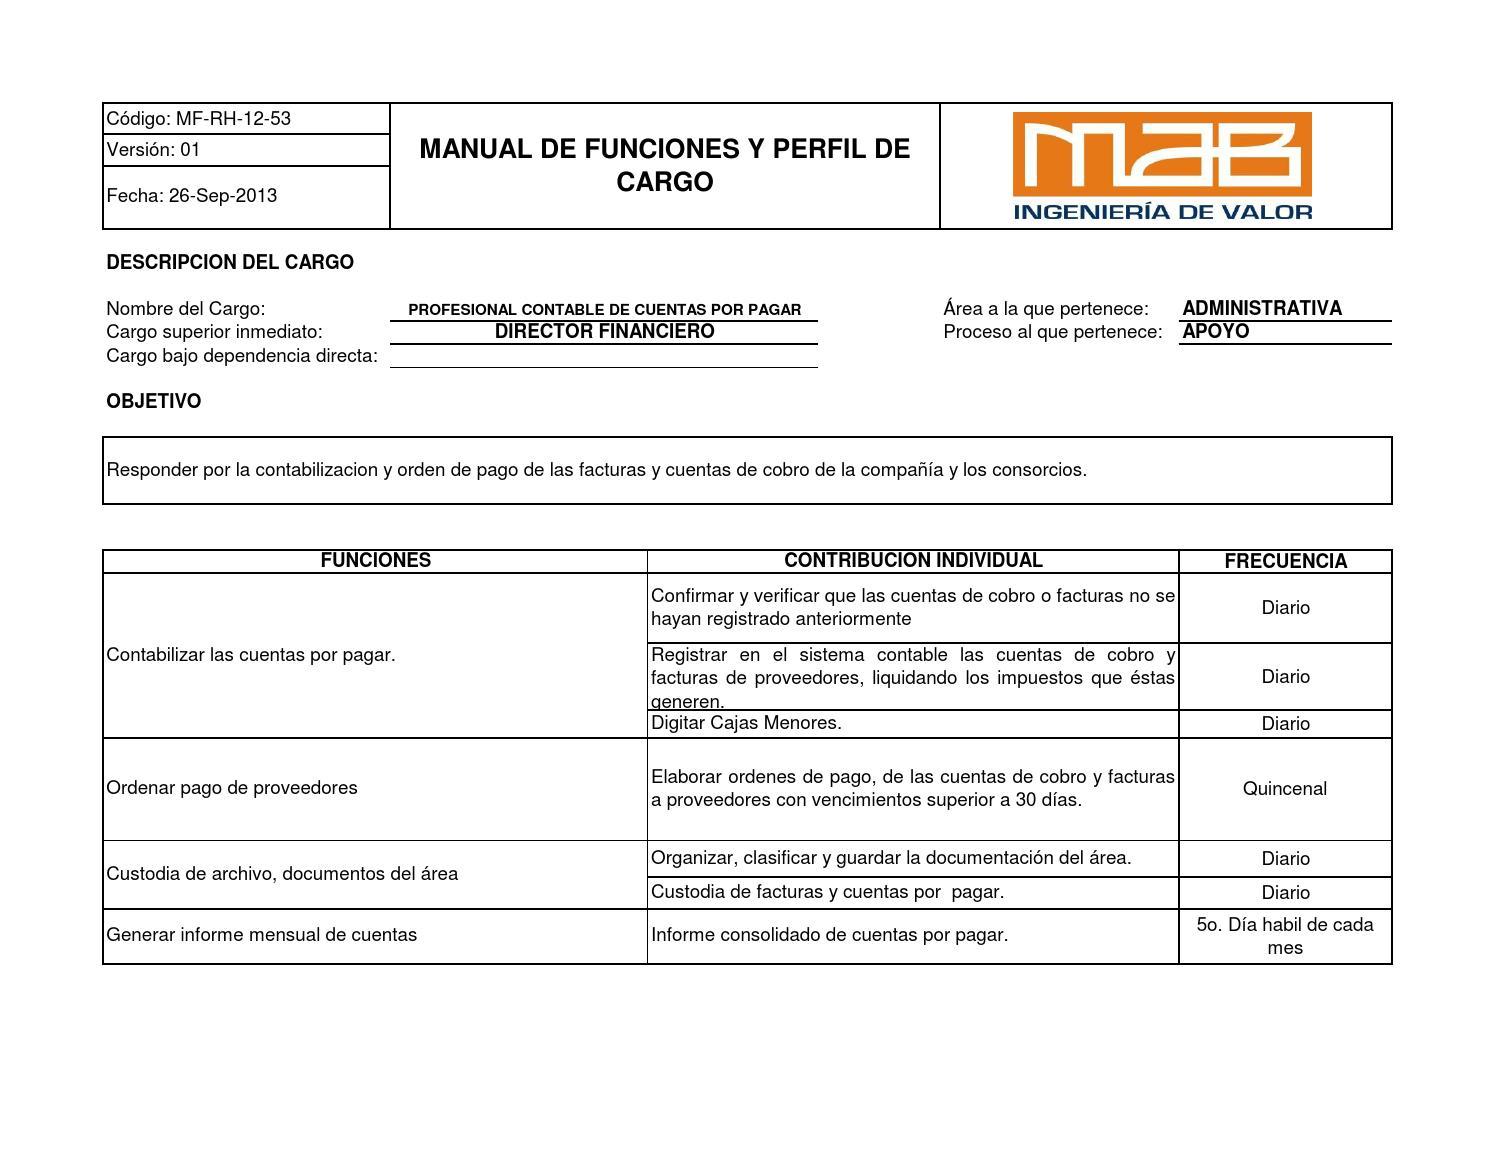 MF-RH-12-53 PROFESIONAL CONTABLE DE CUENTAS POR PAGAR by MAB ...